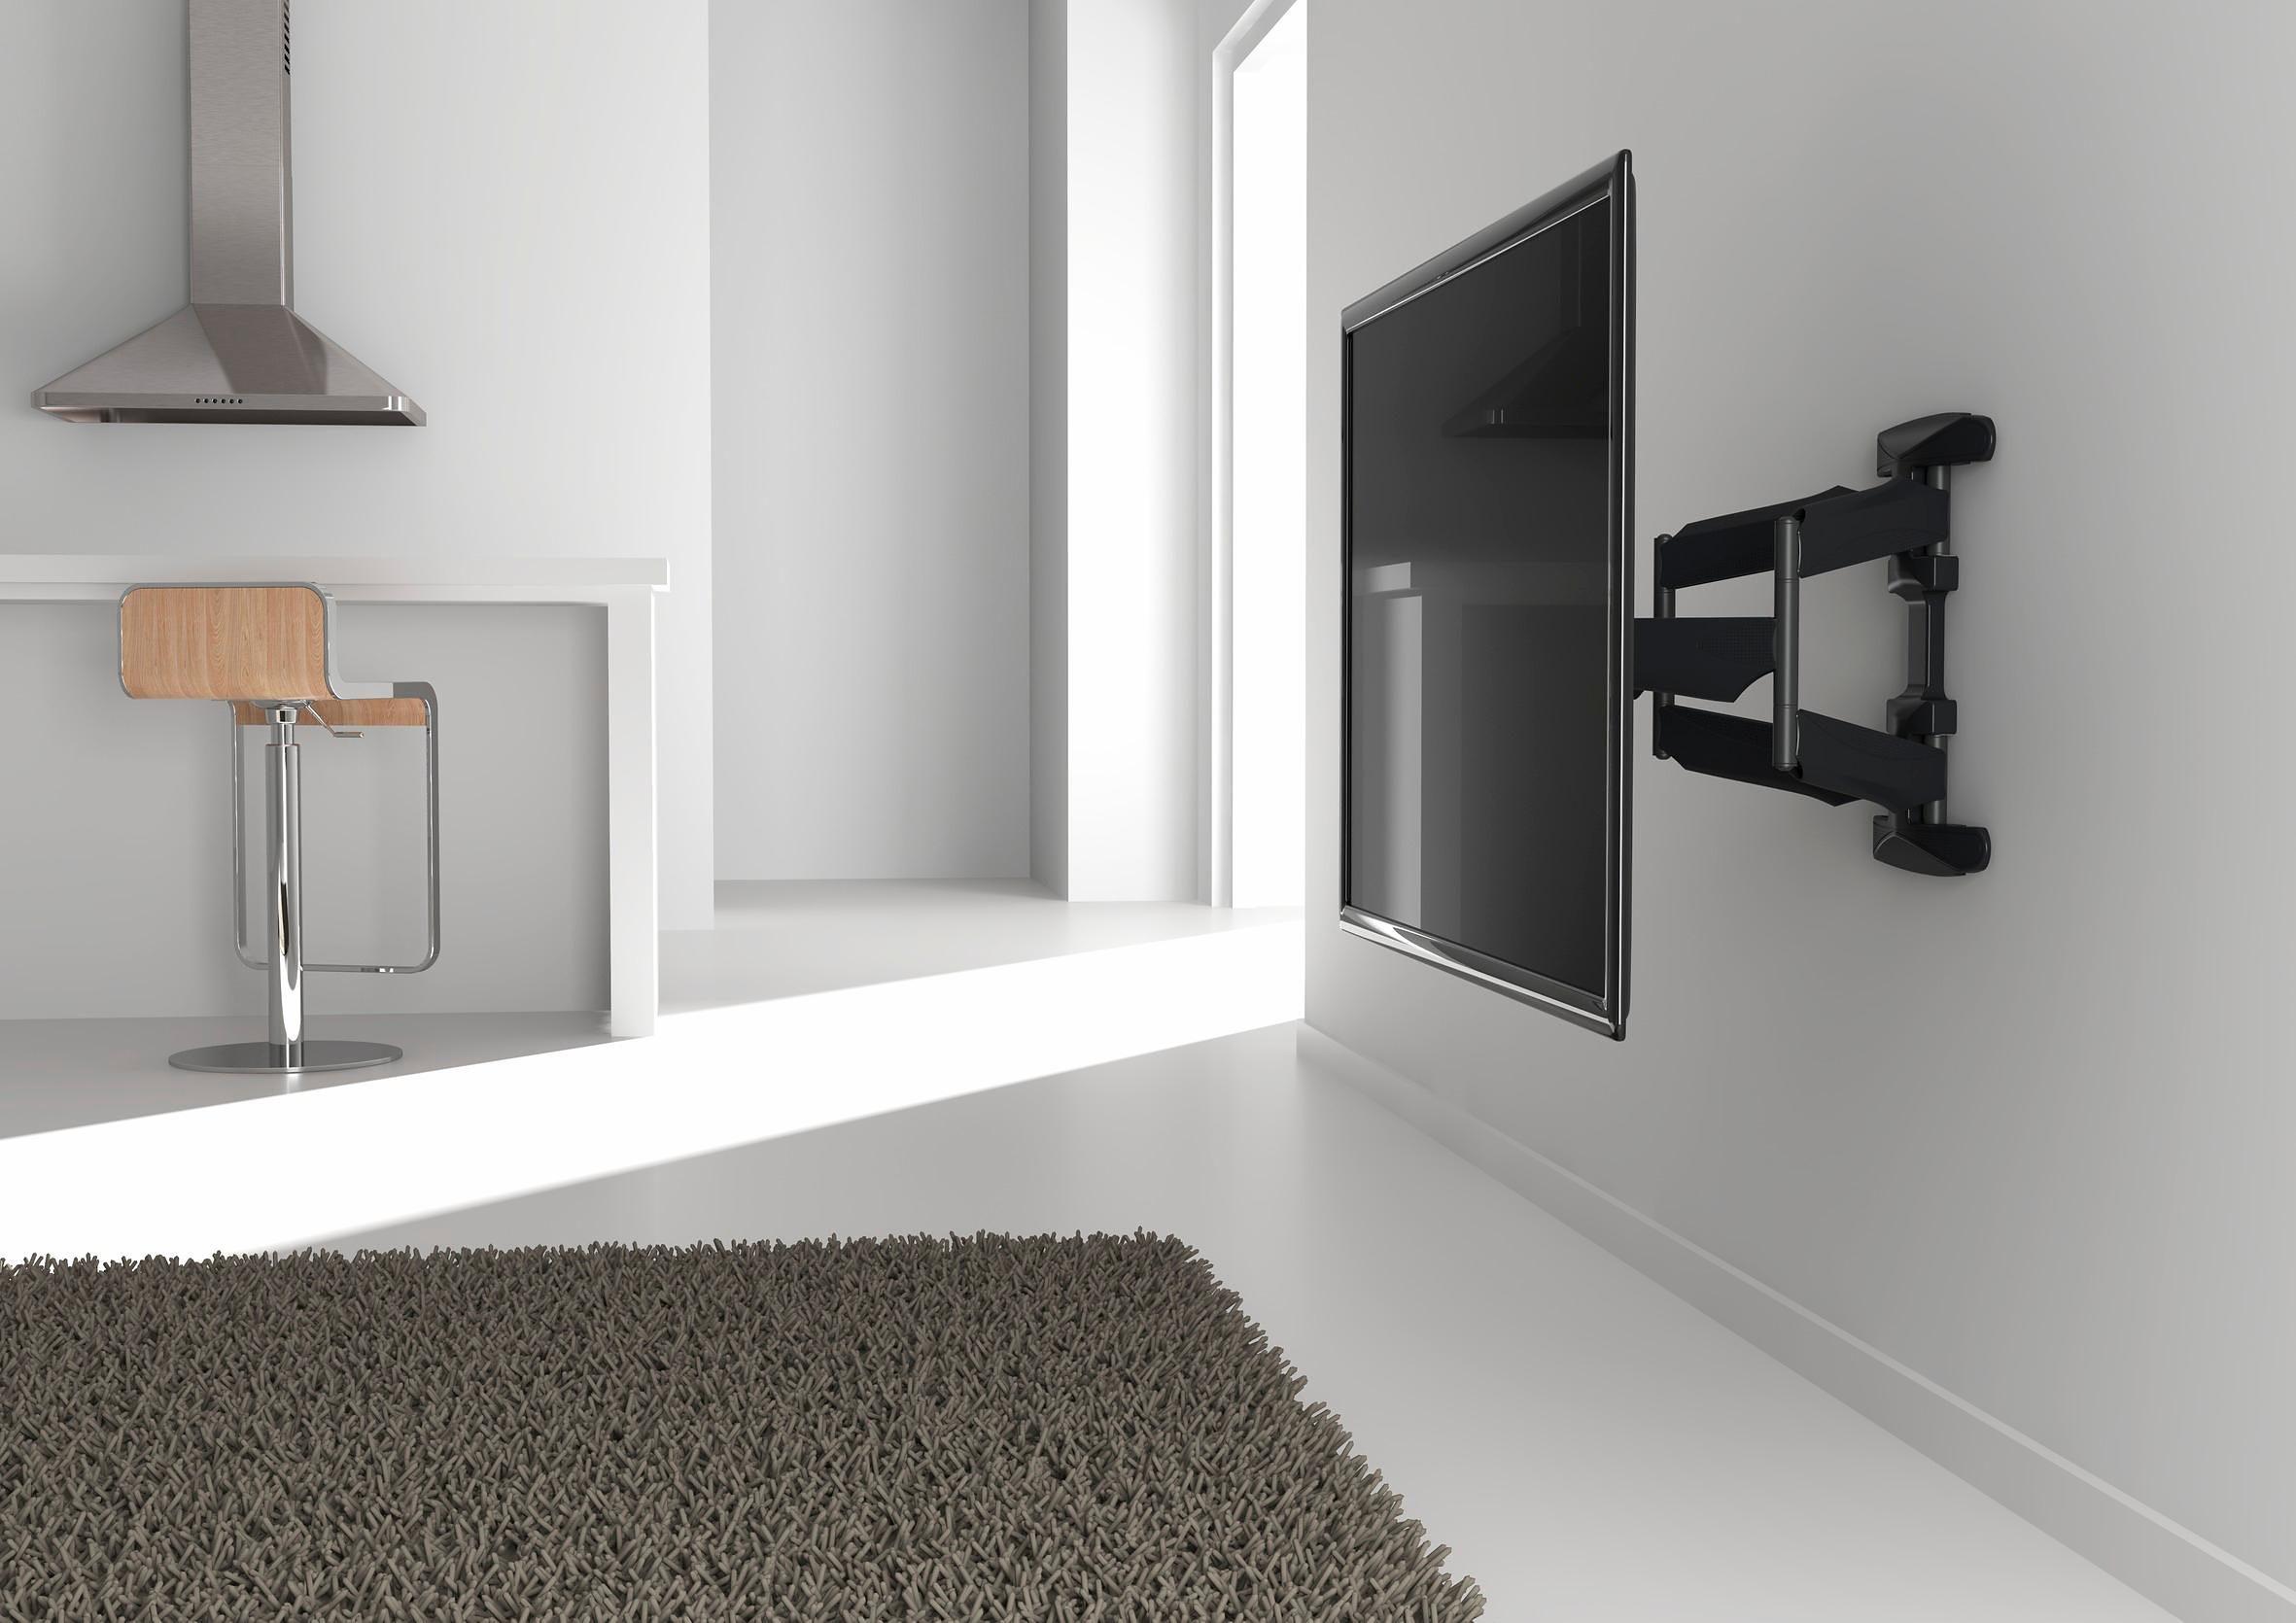 vogel's® TV-Wandhalter »BASE 45 L« schwenkbar, für 102-165 cm (40-65 Zoll) Geräte, VESA 600x400